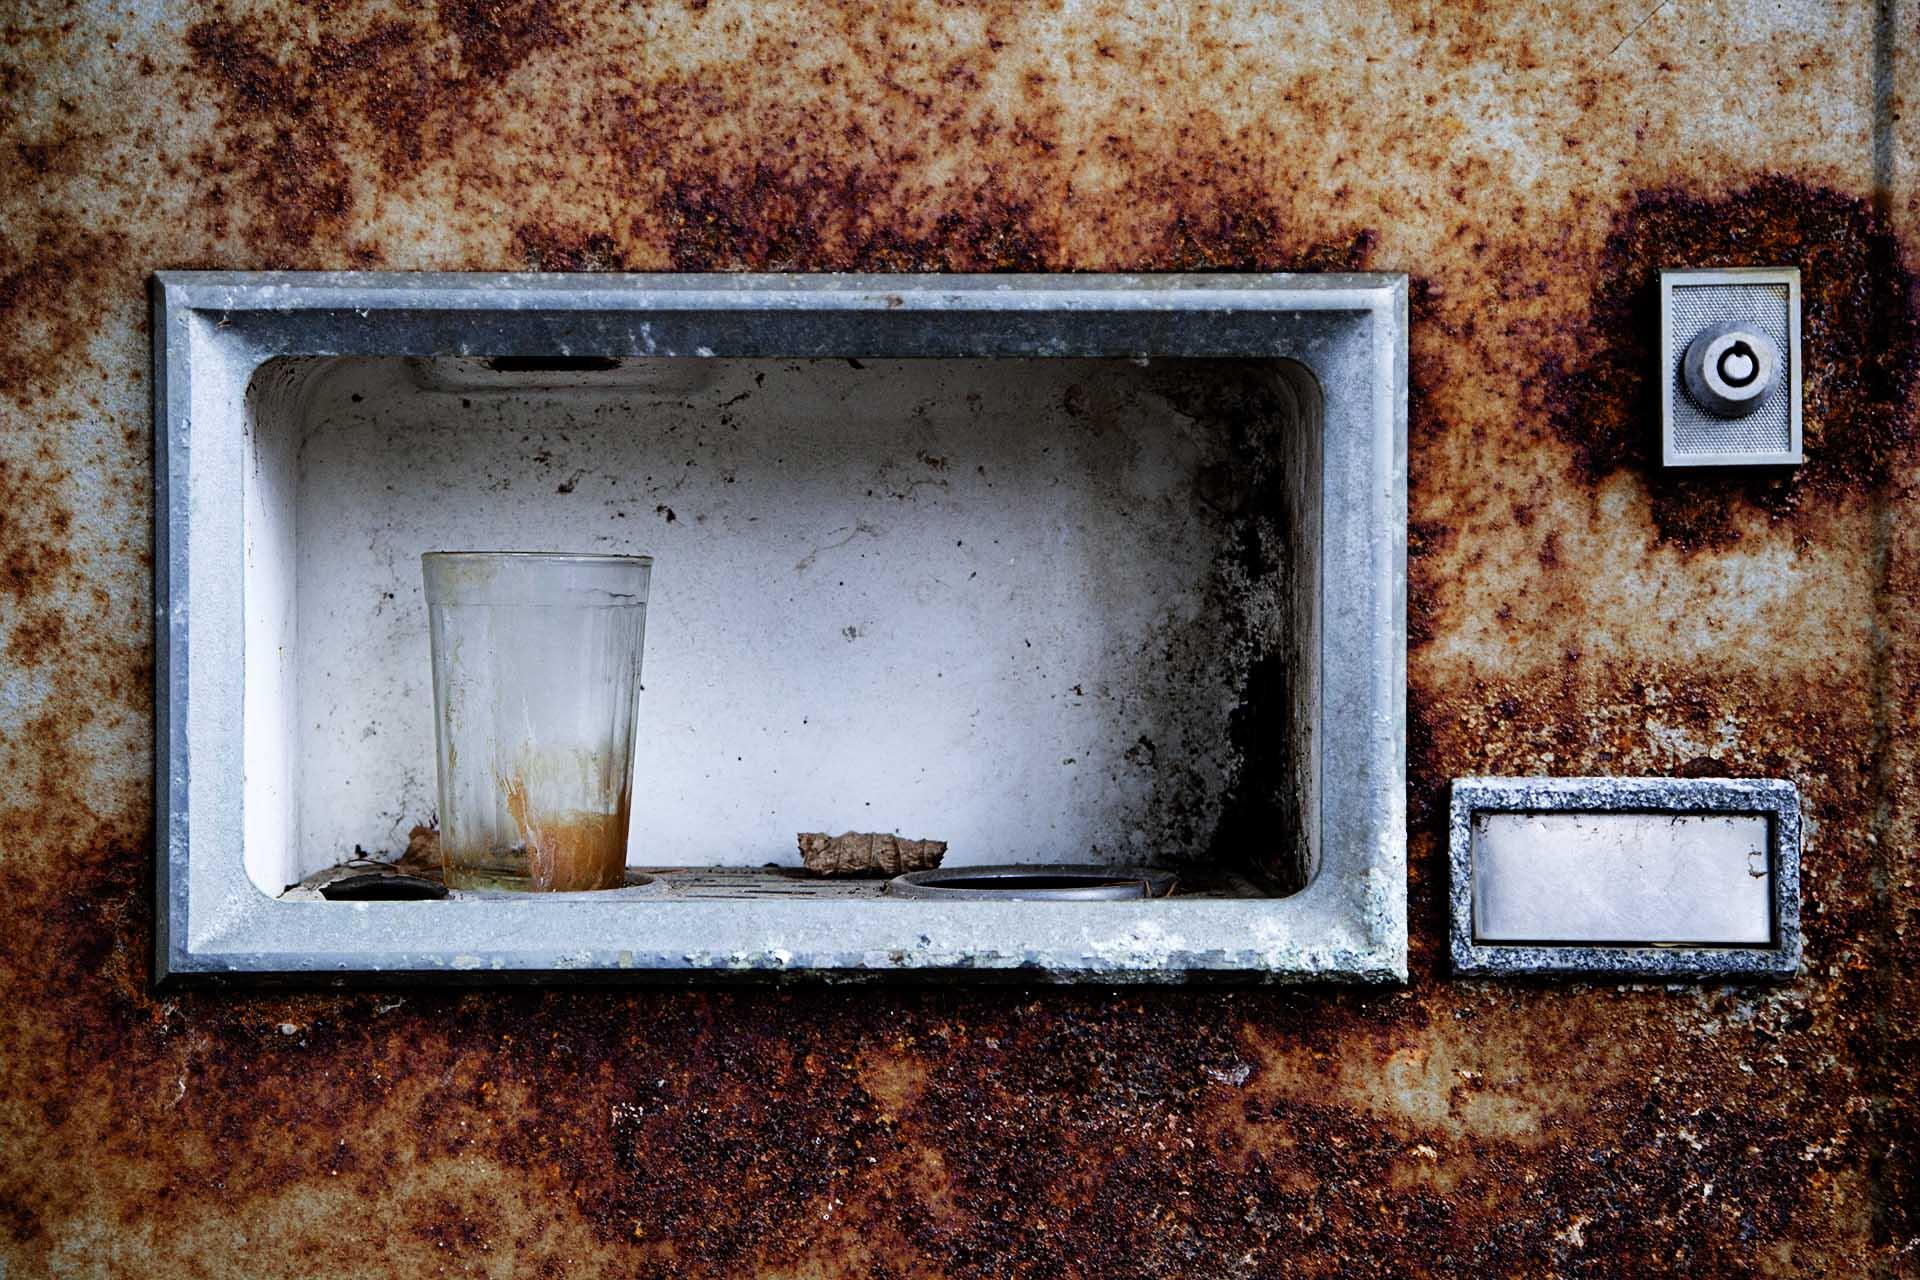 Imagen de una máquina expendedora de refrescos en el embarcadero de Pripyat.